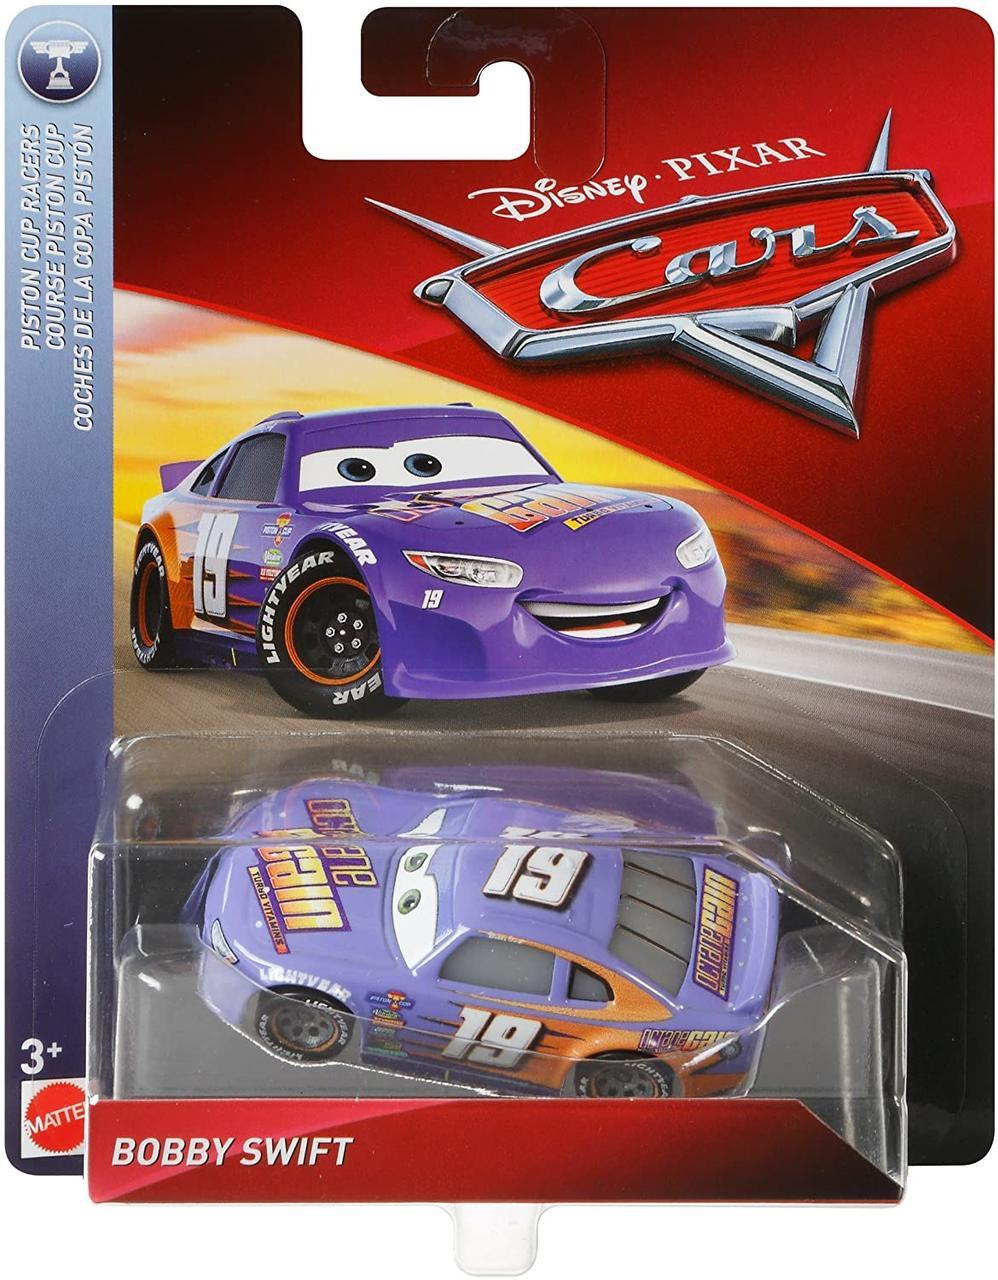 Тачки 3: Бобби Свифт (Bobbie Swift) Disney Pixar Cars от Mattel